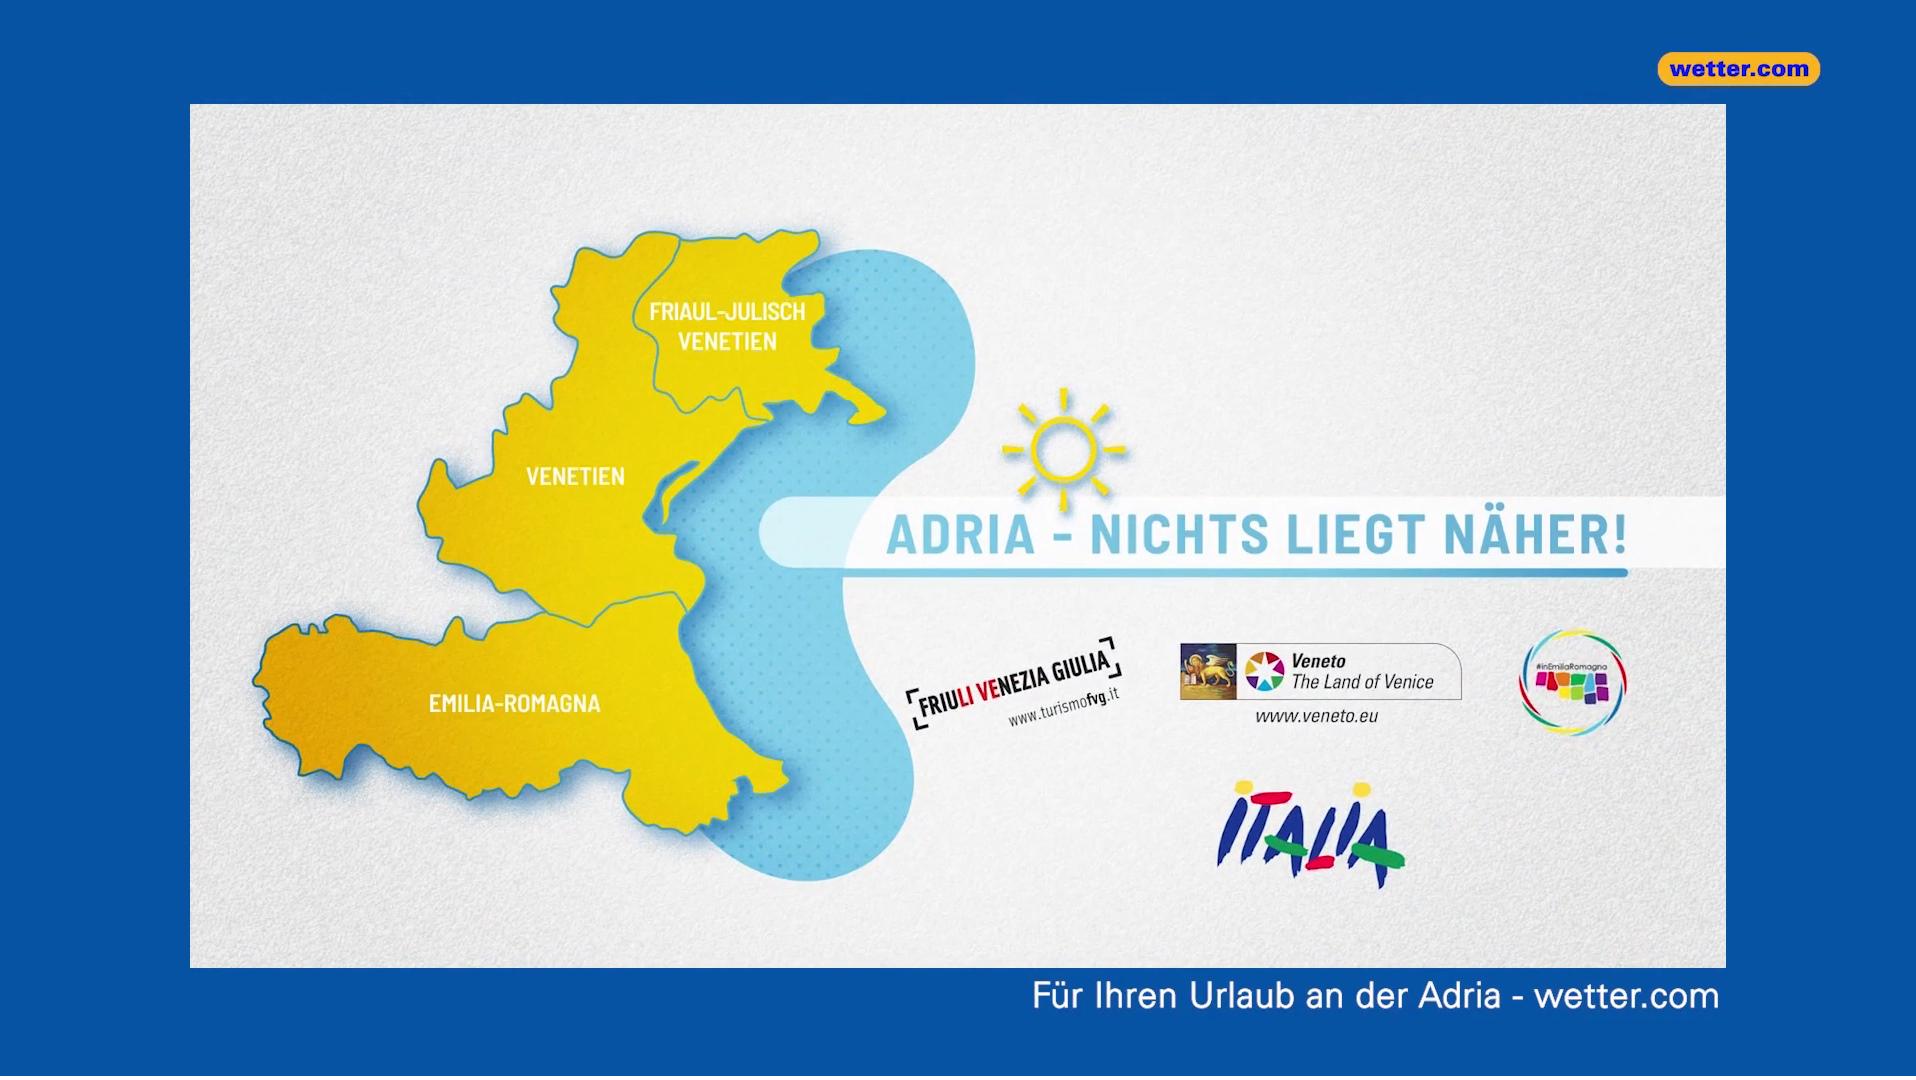 Emilia-Romagna, Veneto e Friuli-Venezia Giulia unite promuovono in Germania la vacanza in Adriatico